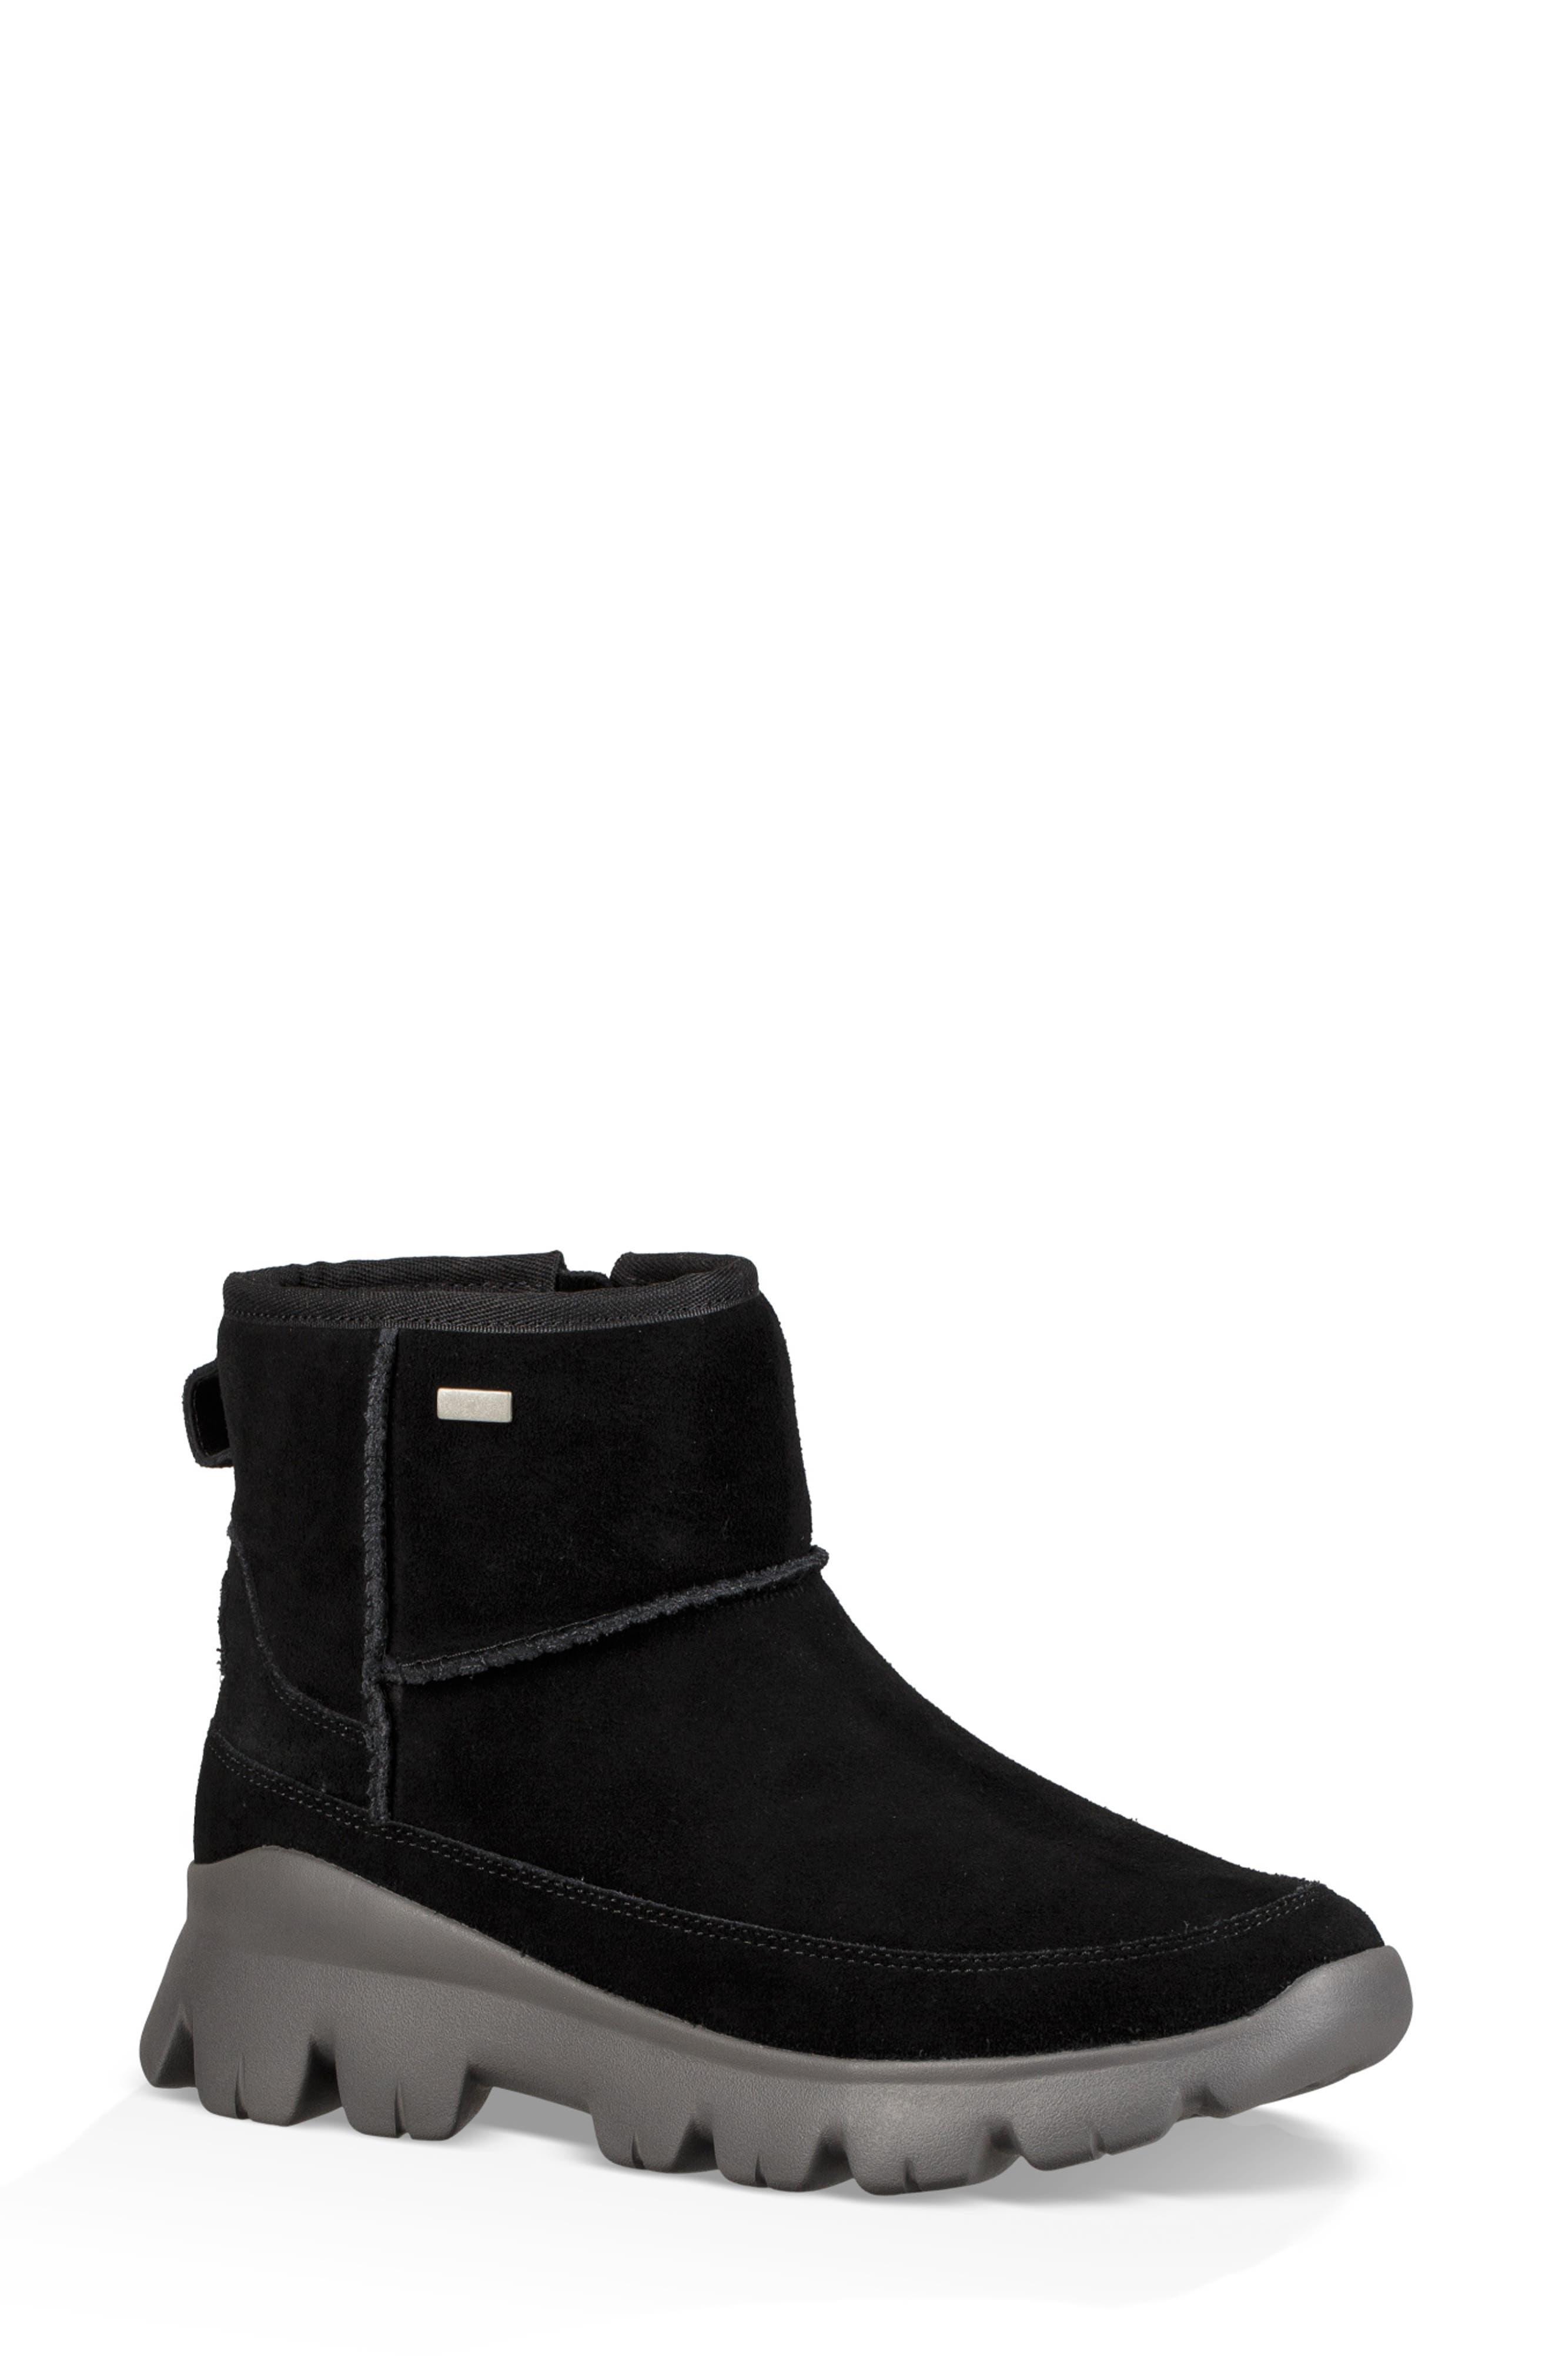 Palomar Waterproof Sneaker Bootie,                         Main,                         color, BLACK/ CHARCOAL SUEDE